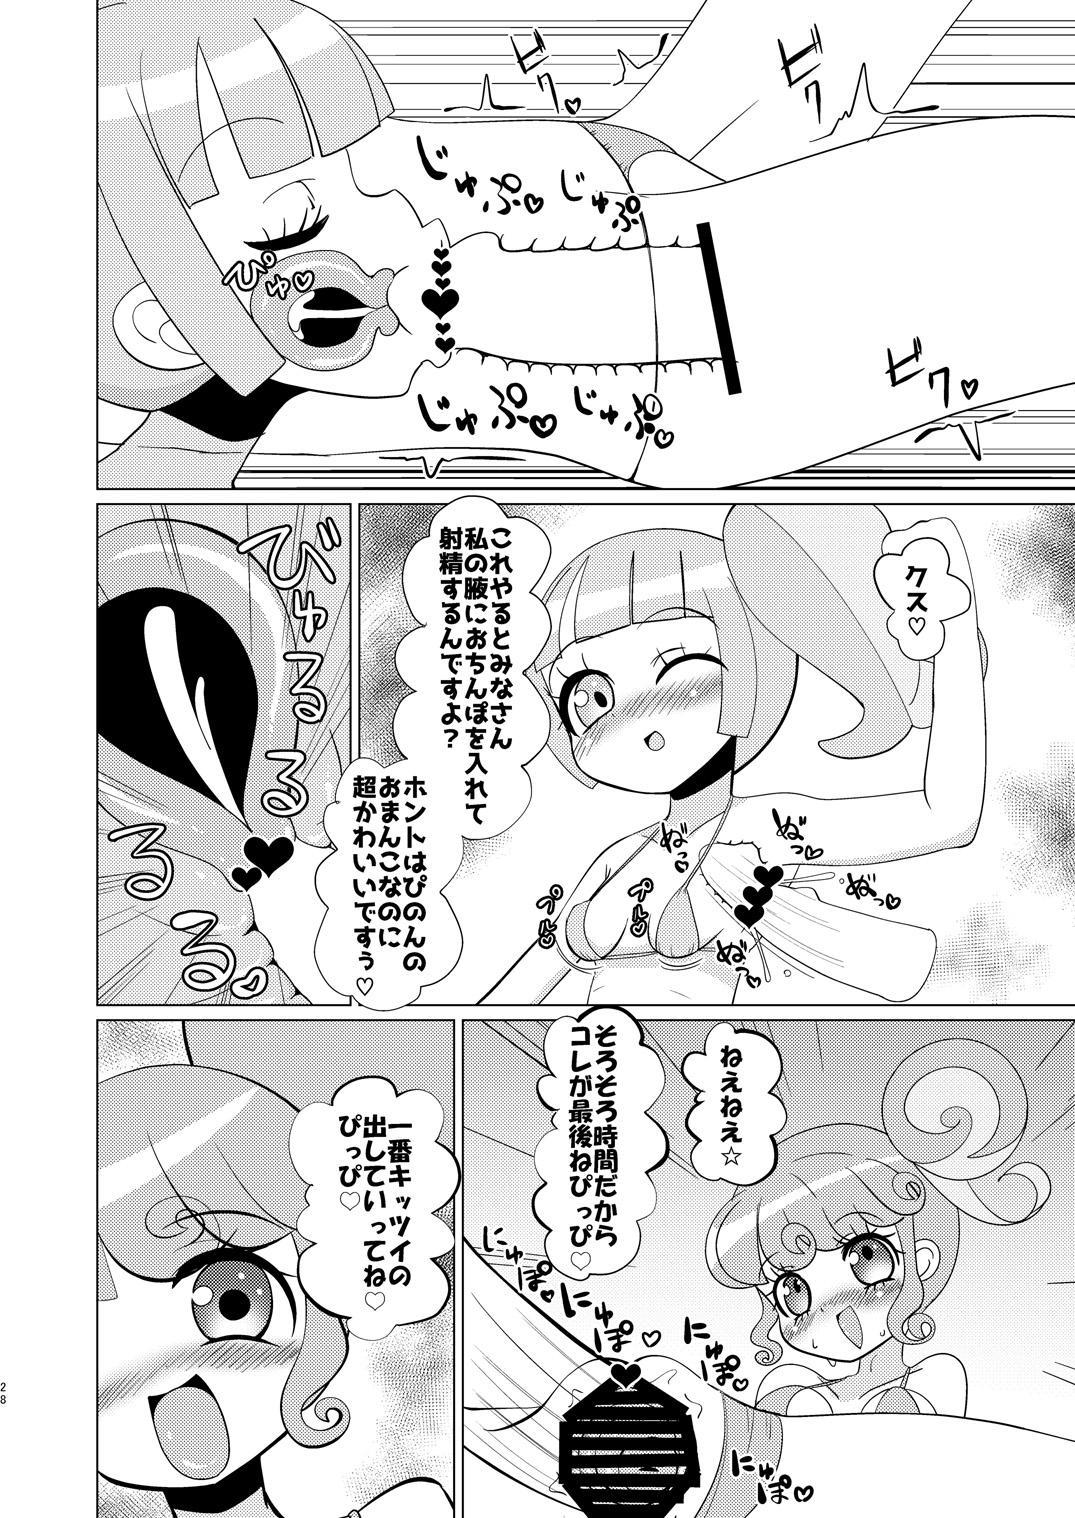 [Nanka no Su (Hakuhi)] Pinon-chan-tachi ni Okane o Haratte Shite Itadaku Hon (PriPara) [Digital] 26